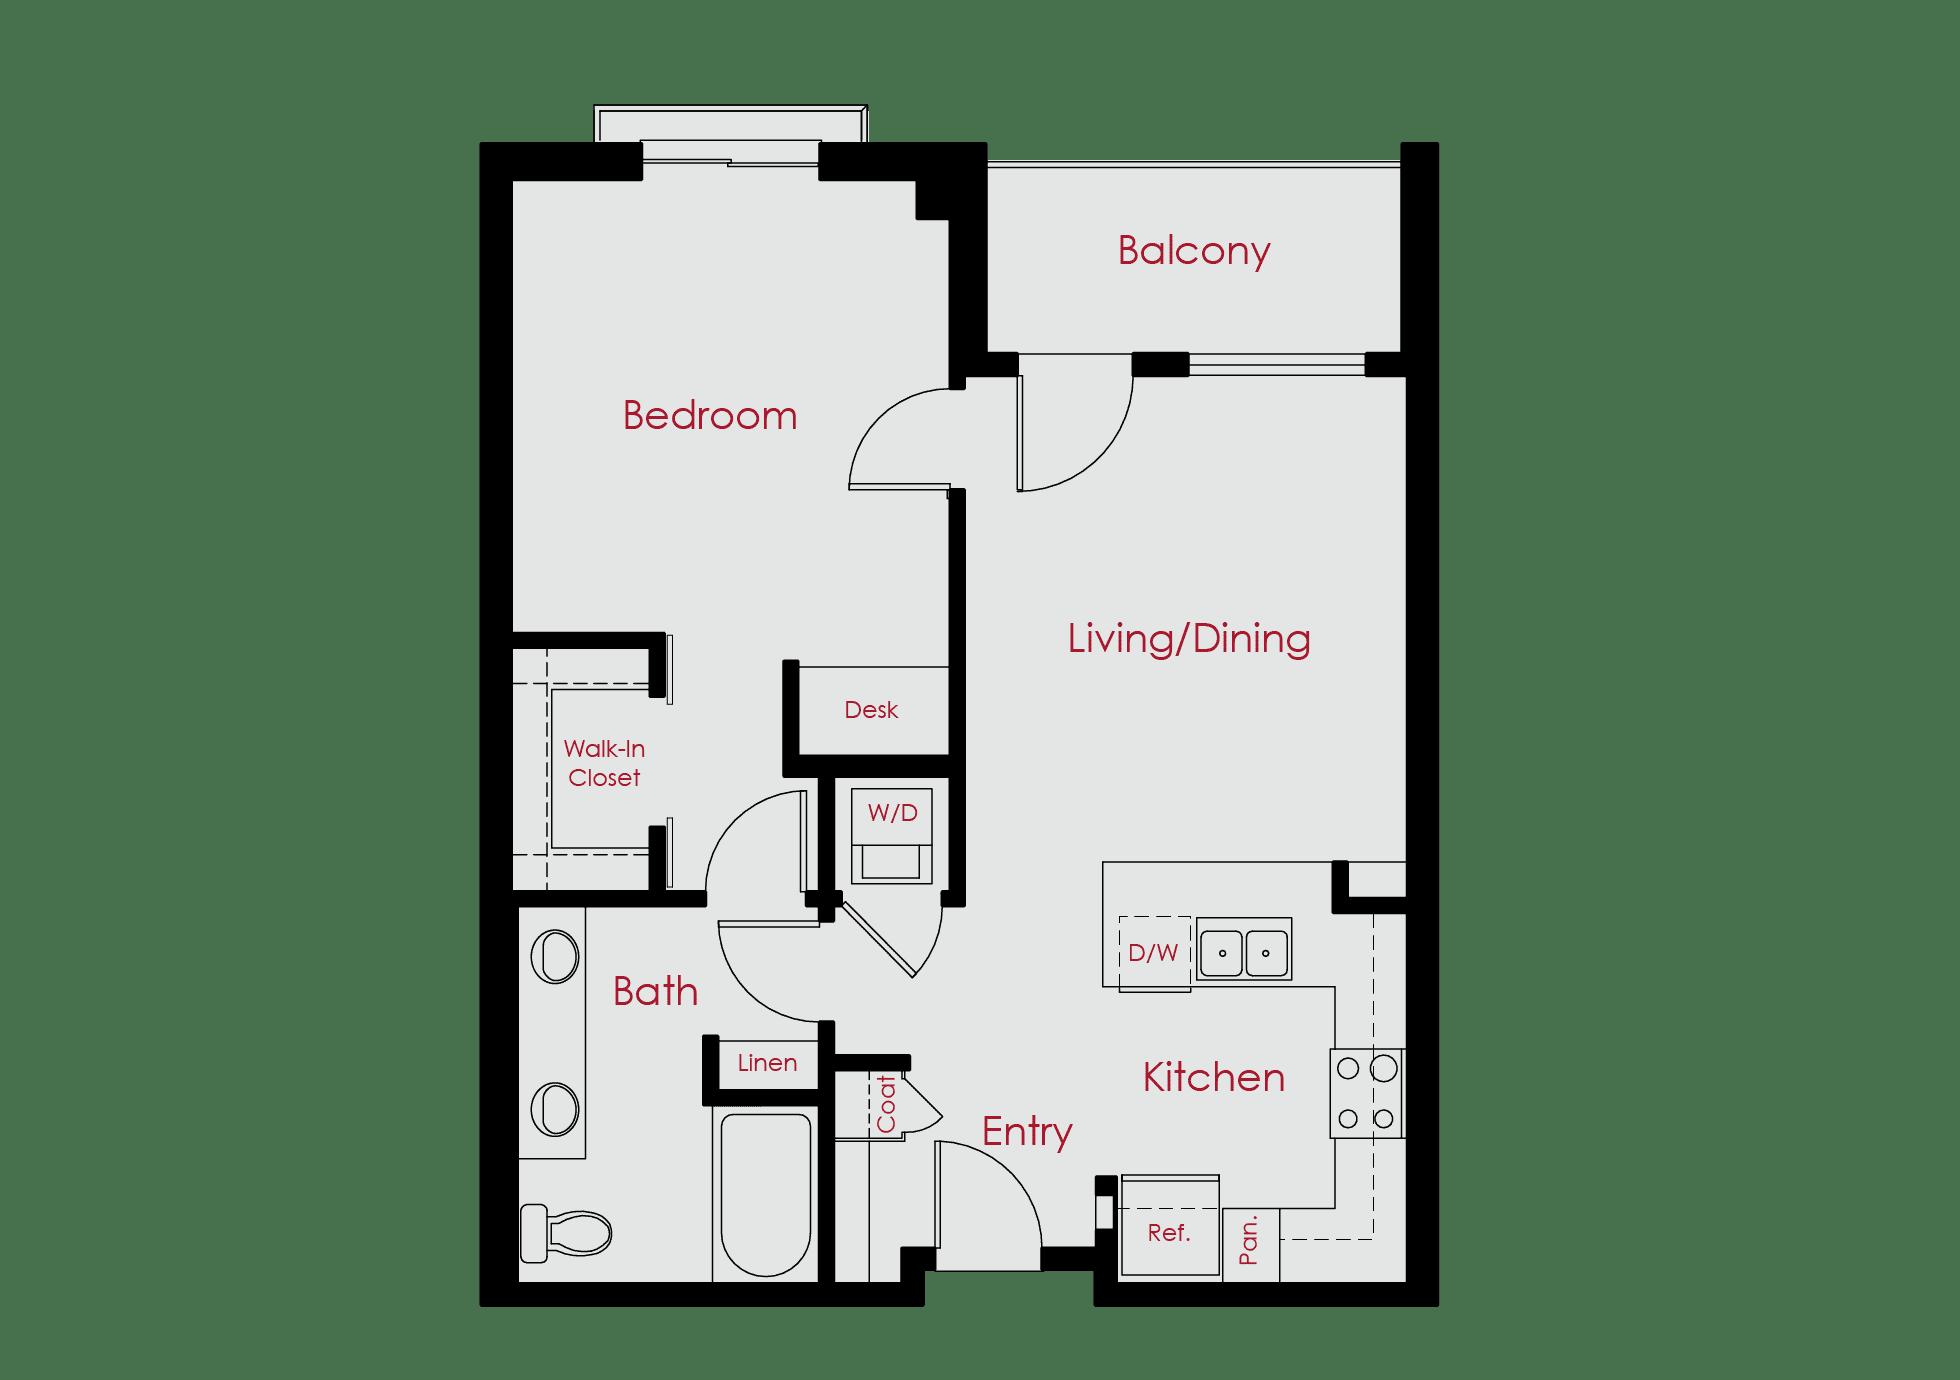 Plan A-4